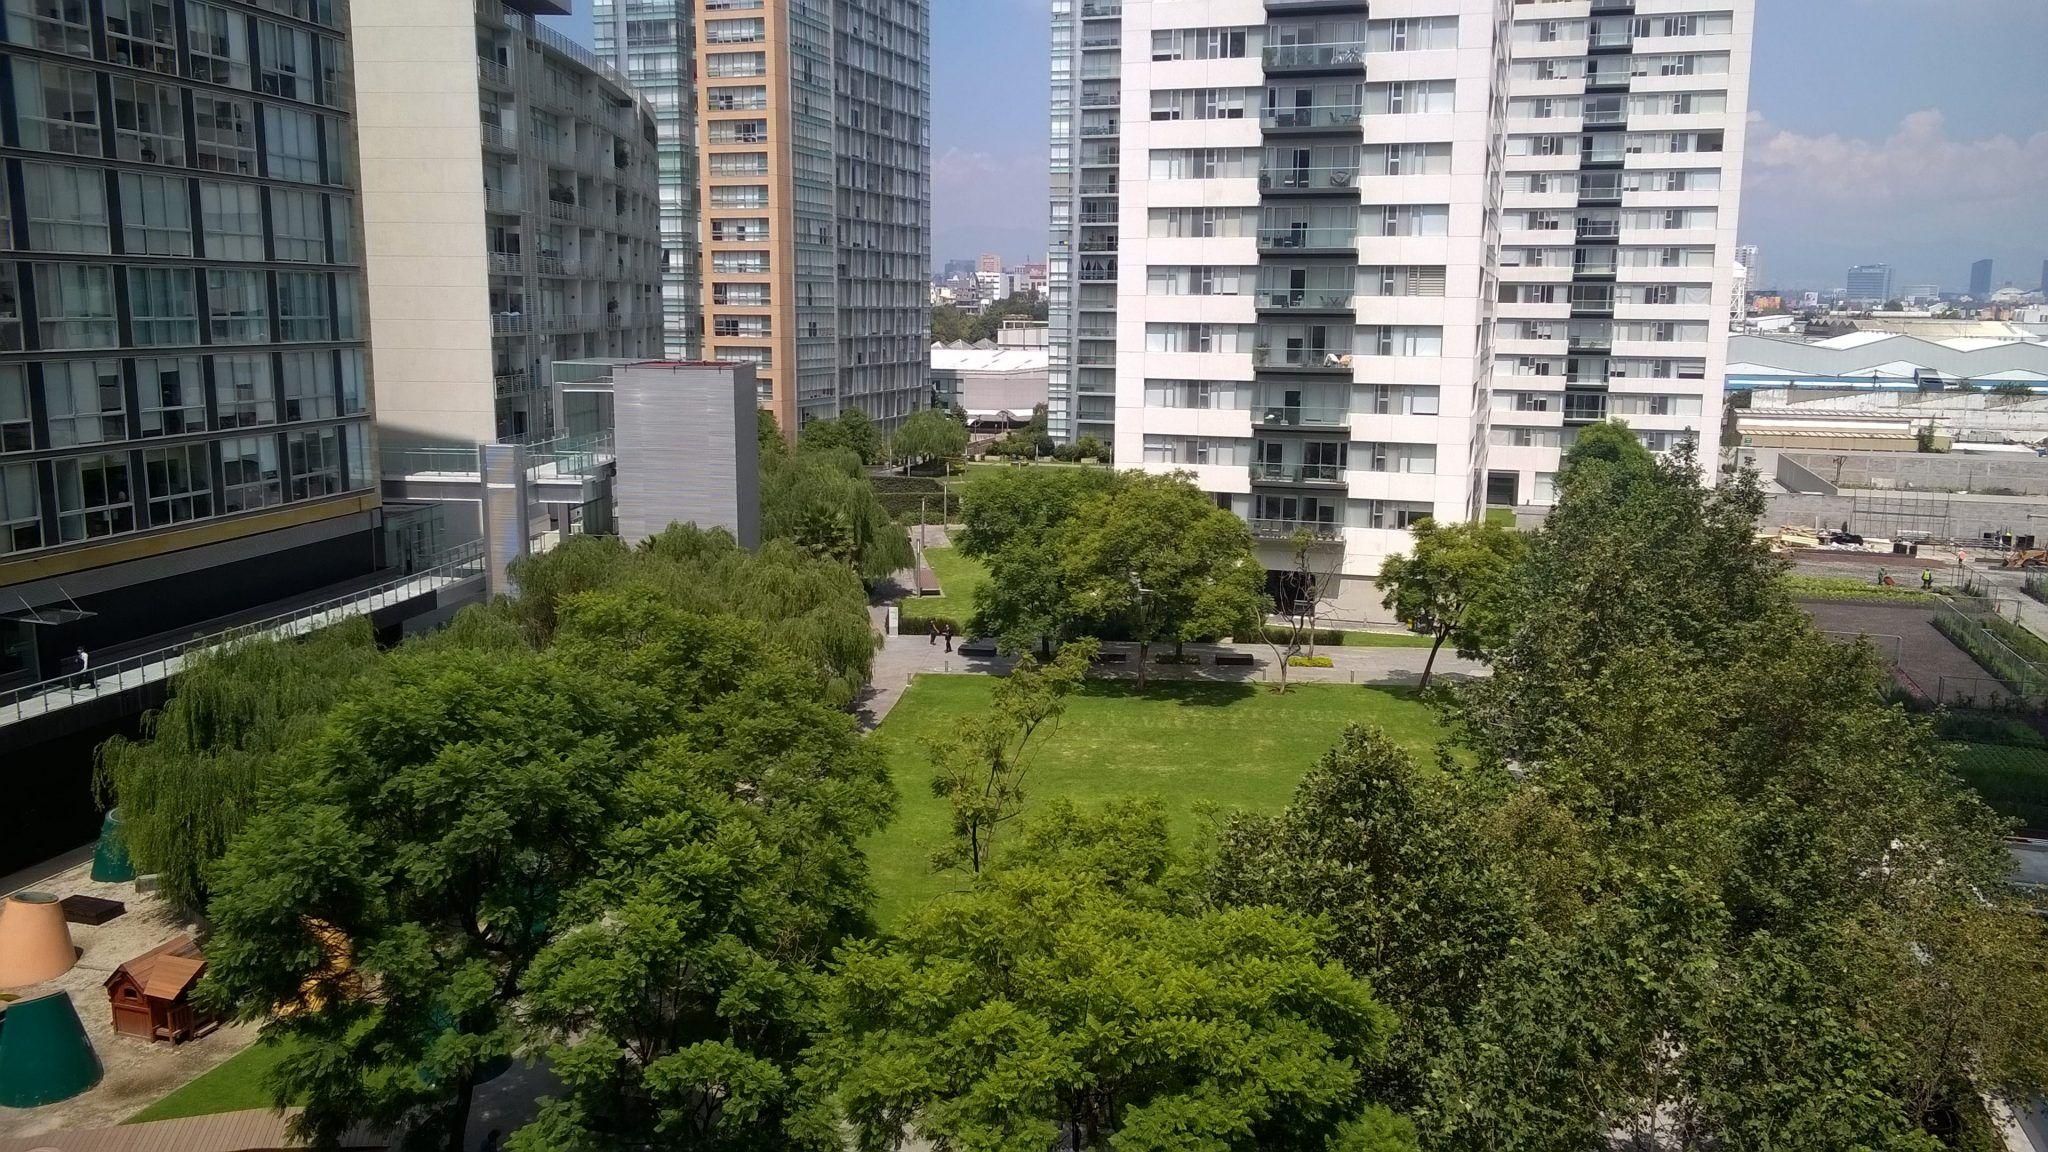 Departamento en Venta en Parques Polanco. 2 Recámaras y dos terrazas. Jardín central